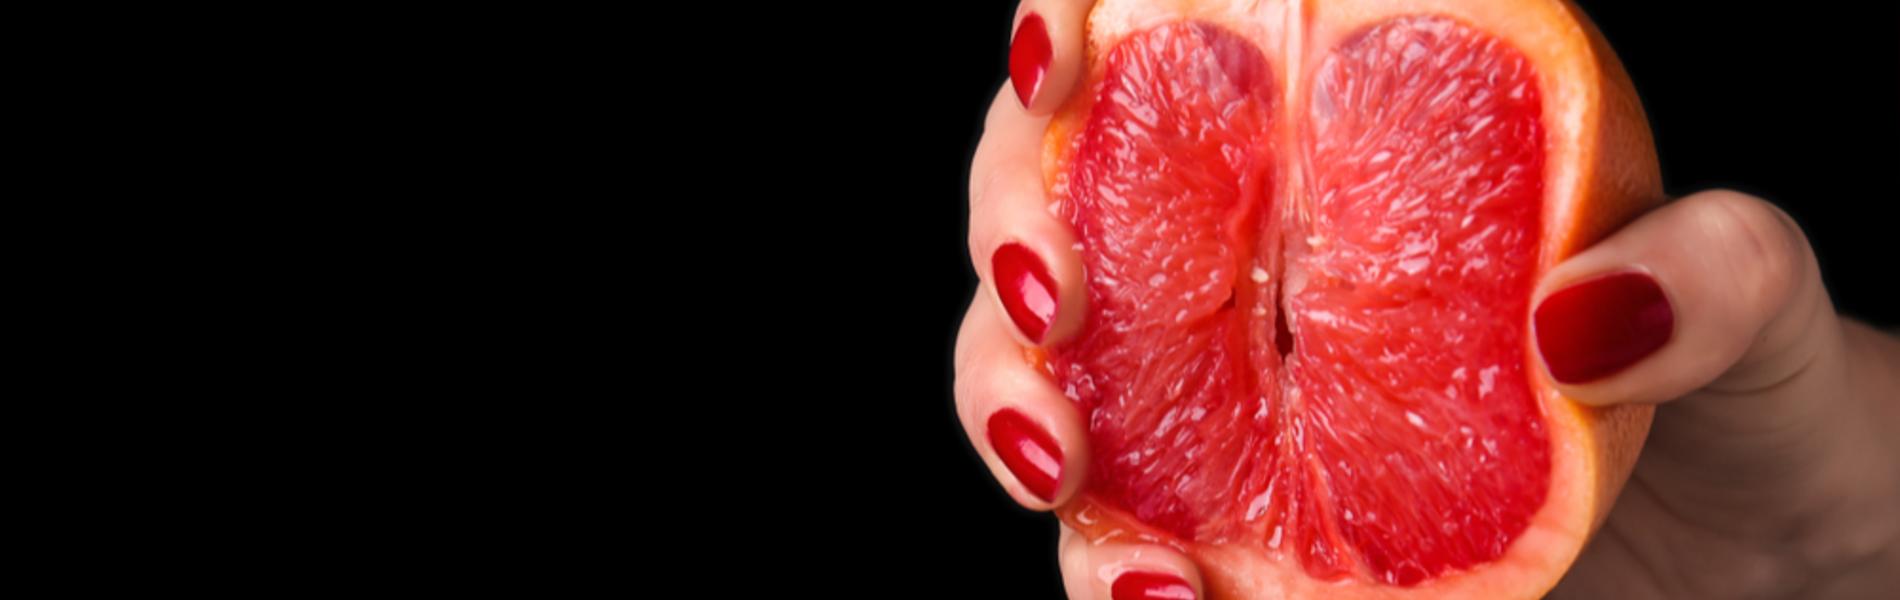 מדוע ניתוחי הצרת איברי המין הפכו פופולריים בישראל?